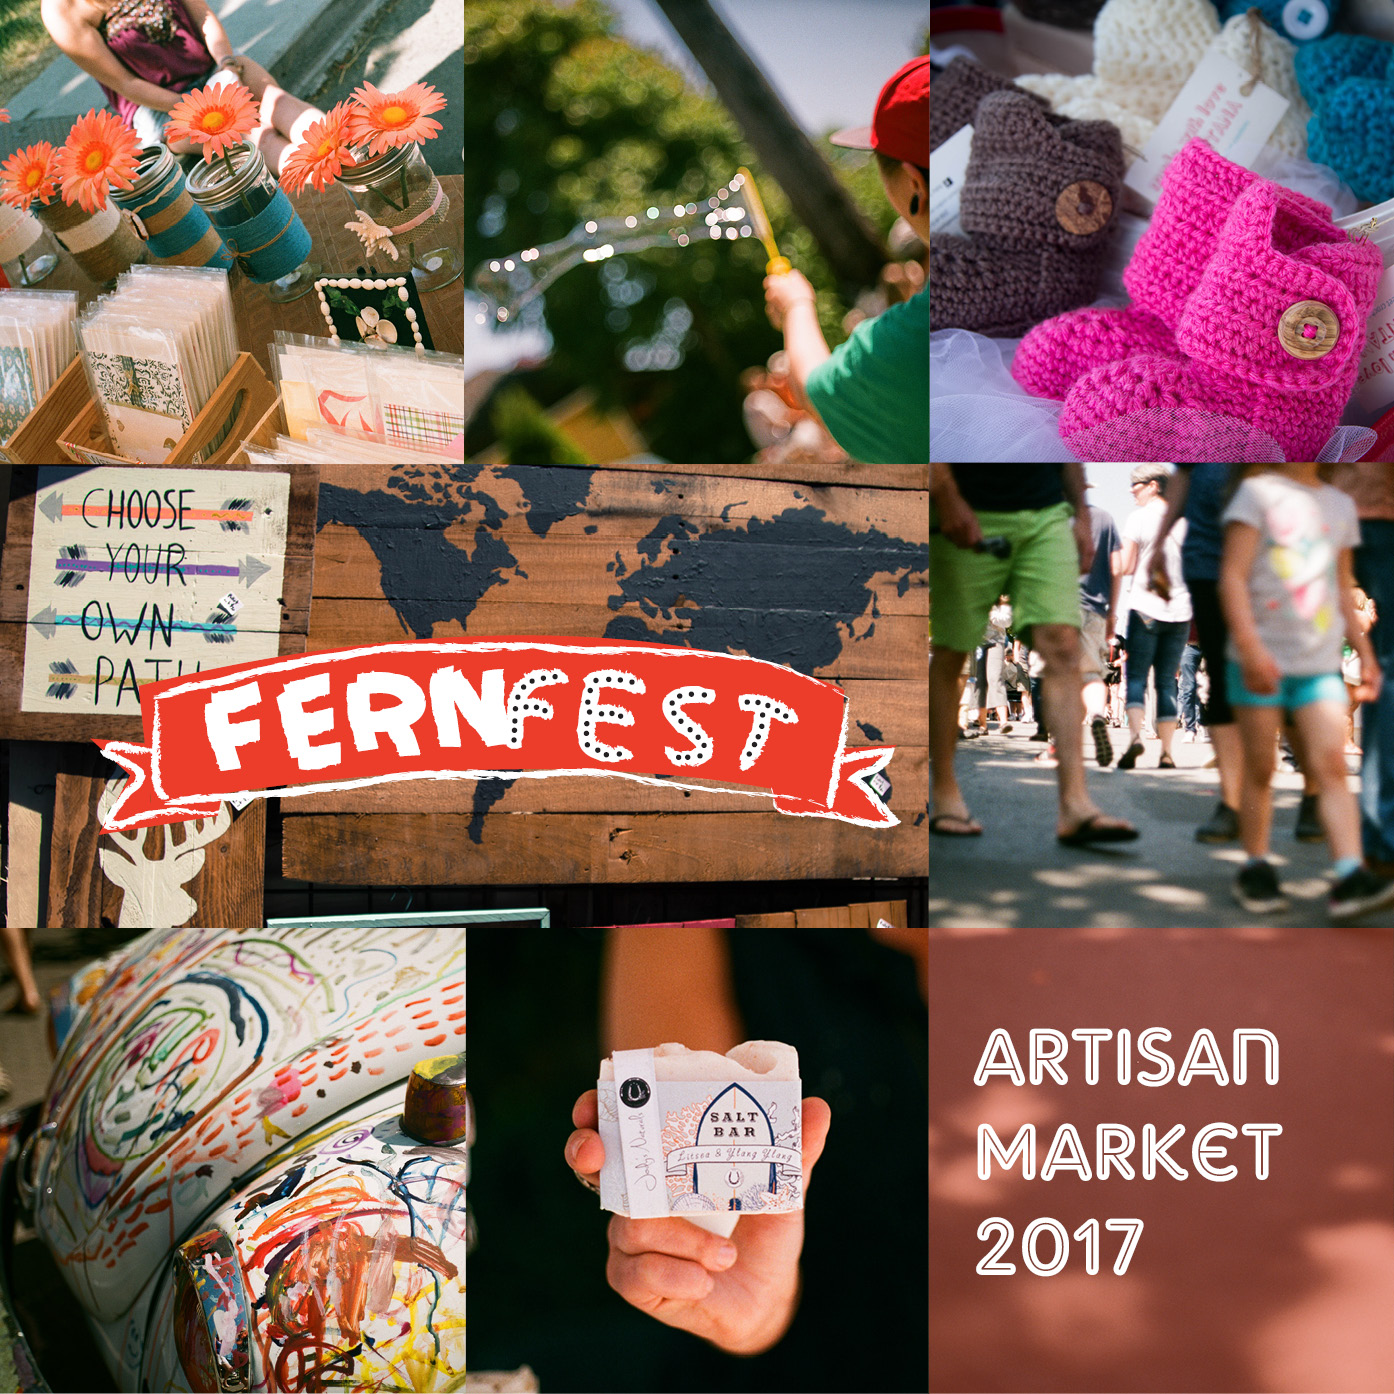 FernFest-ArtisanMarket-2017